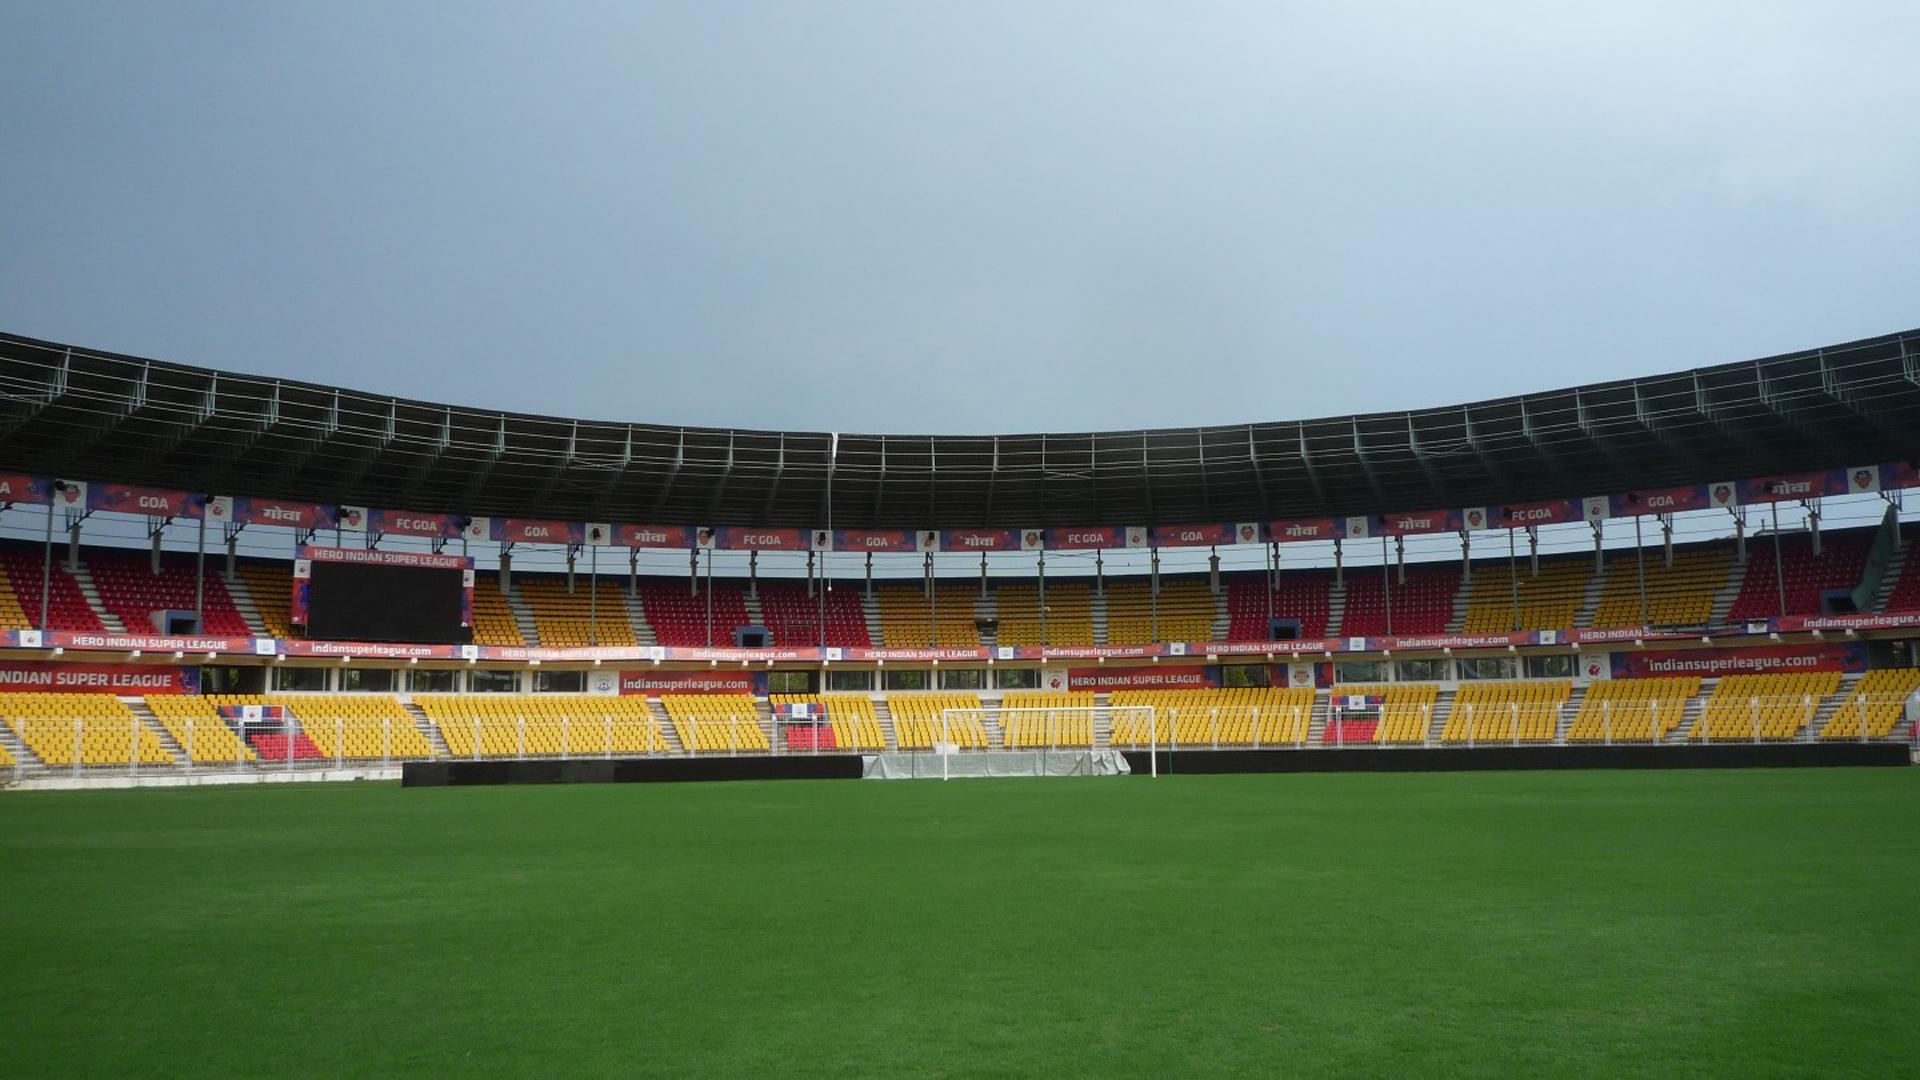 U17 WC Stadium Fatorda Goa